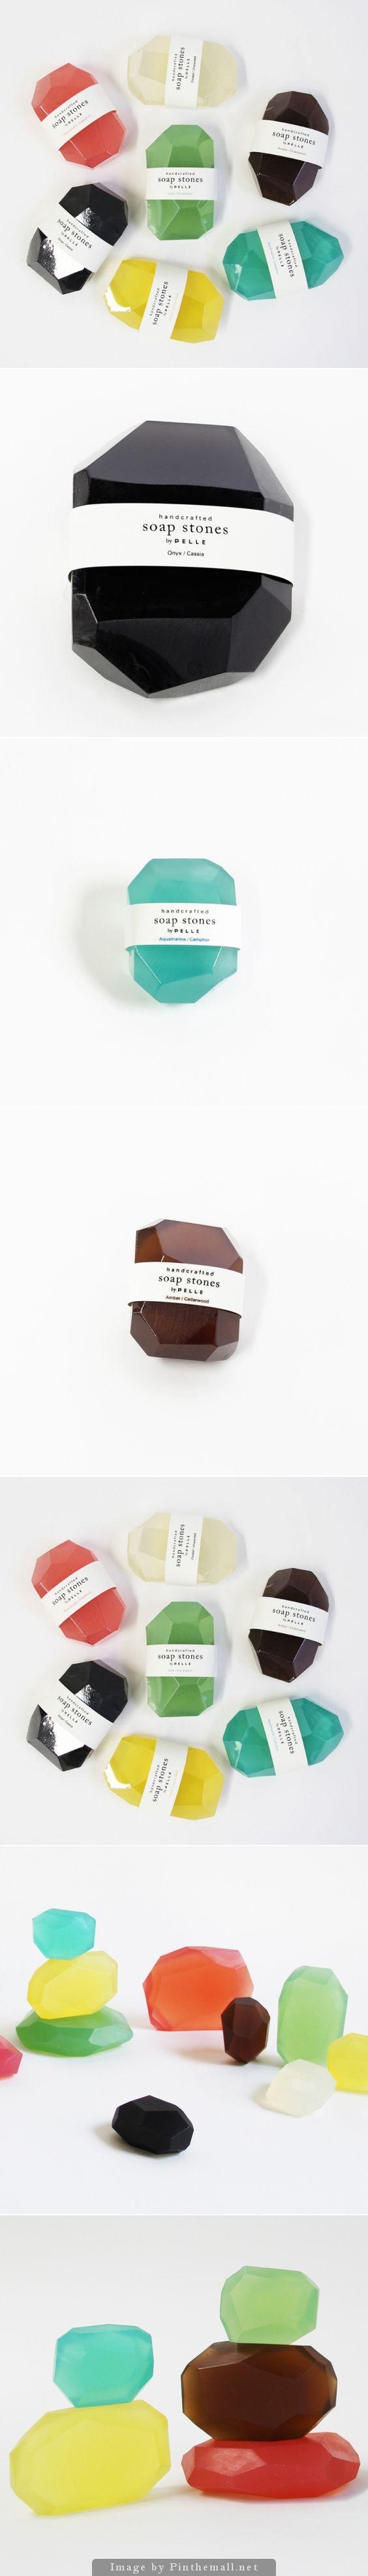 宝石のように輝く石鹸たち。ダイアモンド、サファイア、エメラルド、アメジスト、アクアマリン。見とれちゃうほどの美しさ。